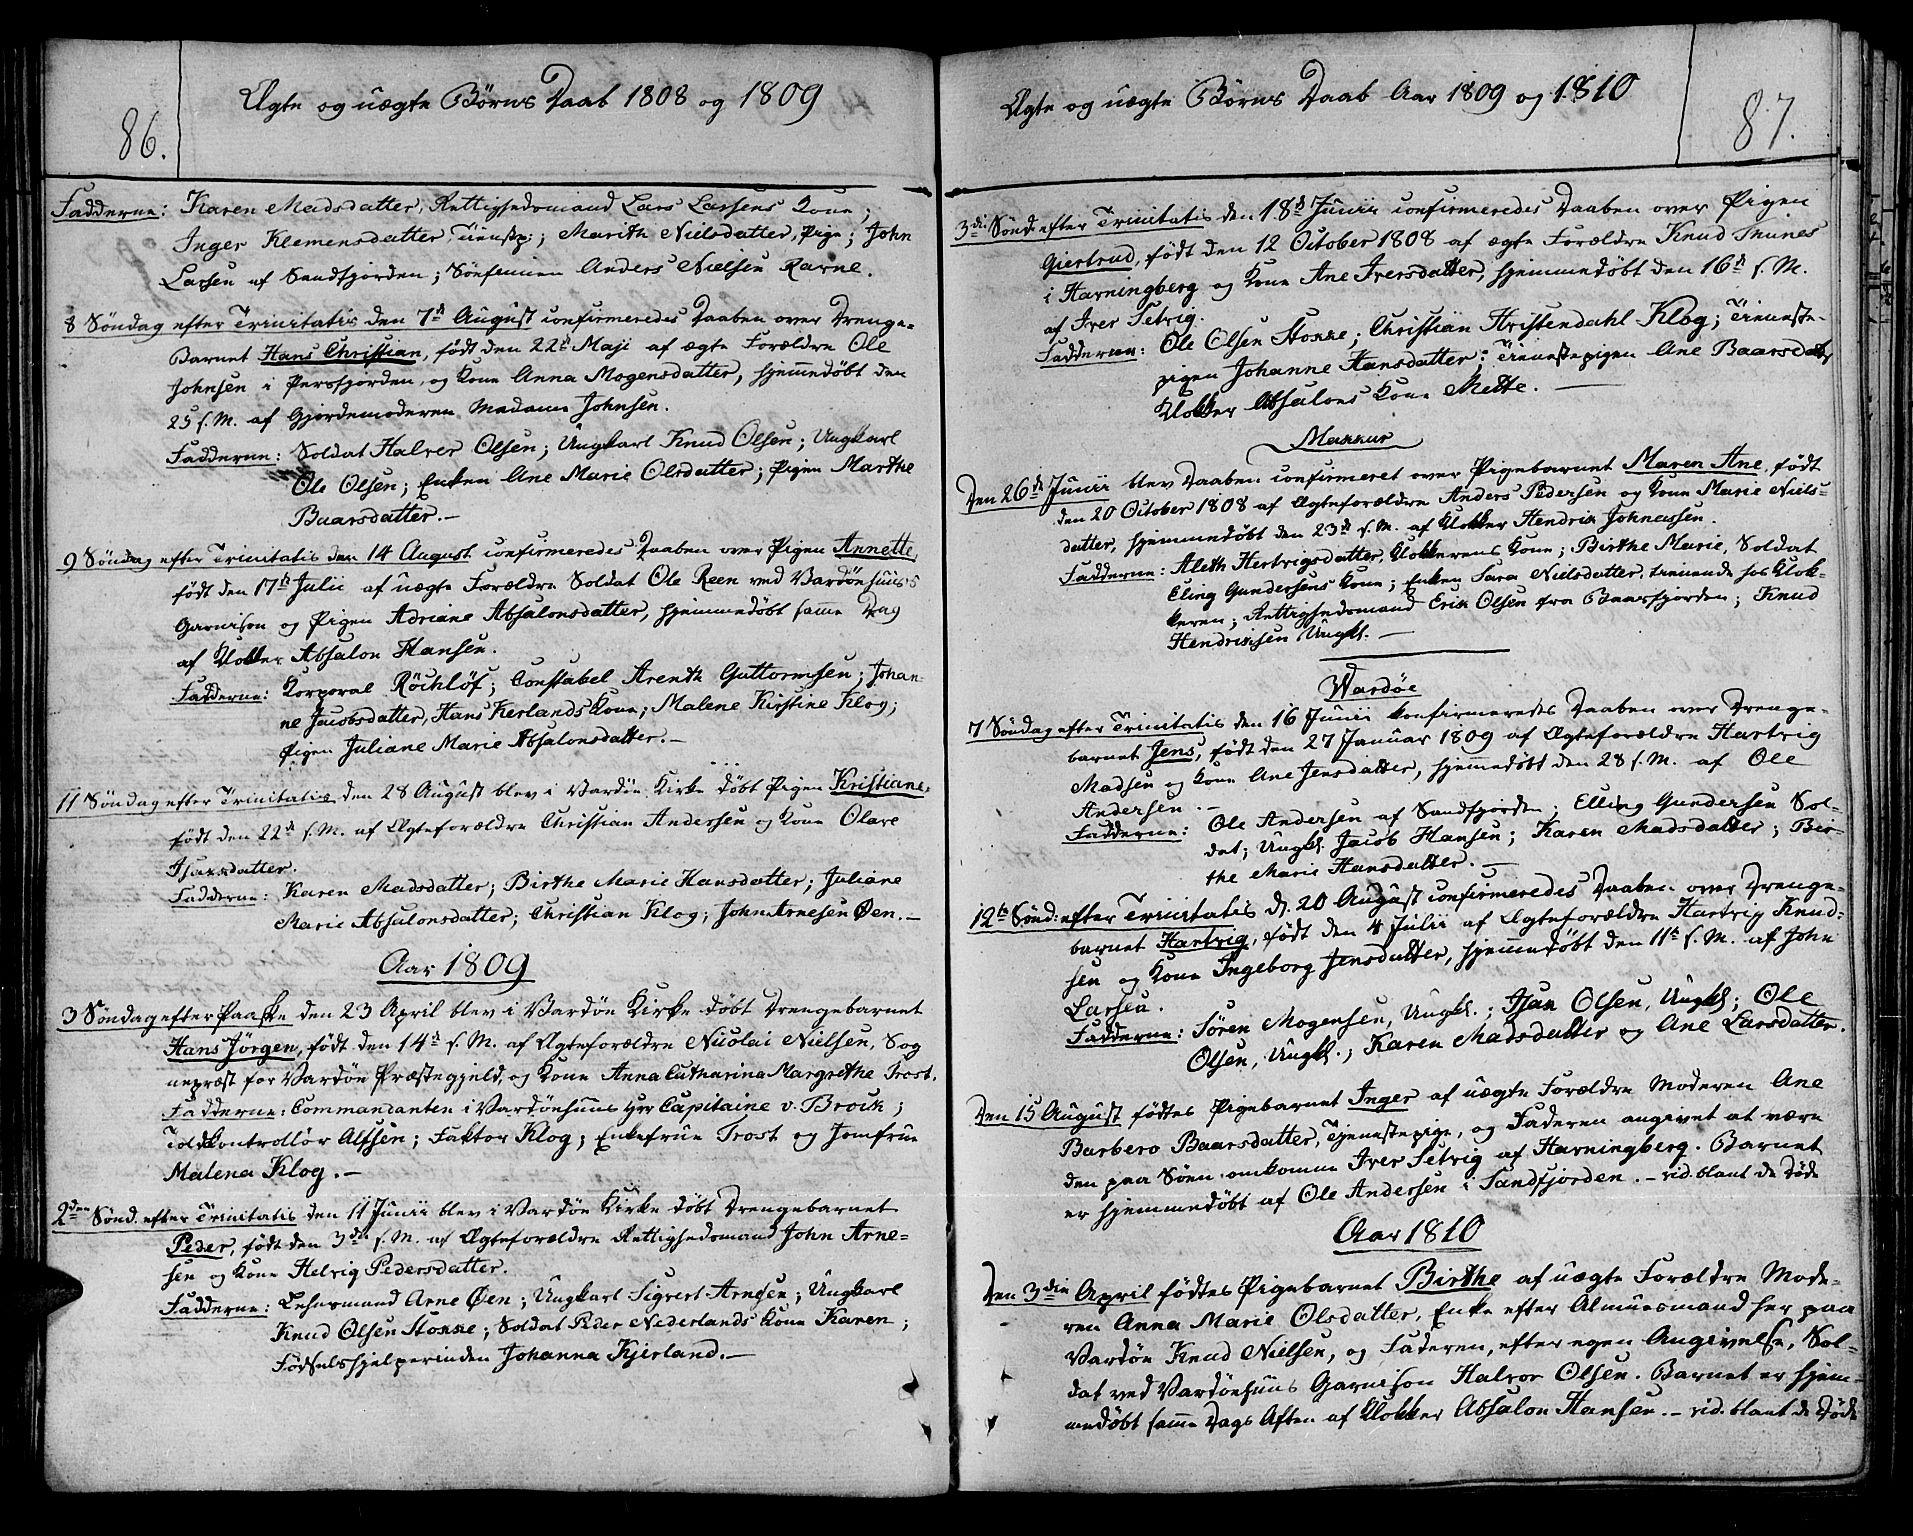 SATØ, Vardø sokneprestkontor, H/Ha/L0002kirke: Ministerialbok nr. 2, 1805-1842, s. 86-87